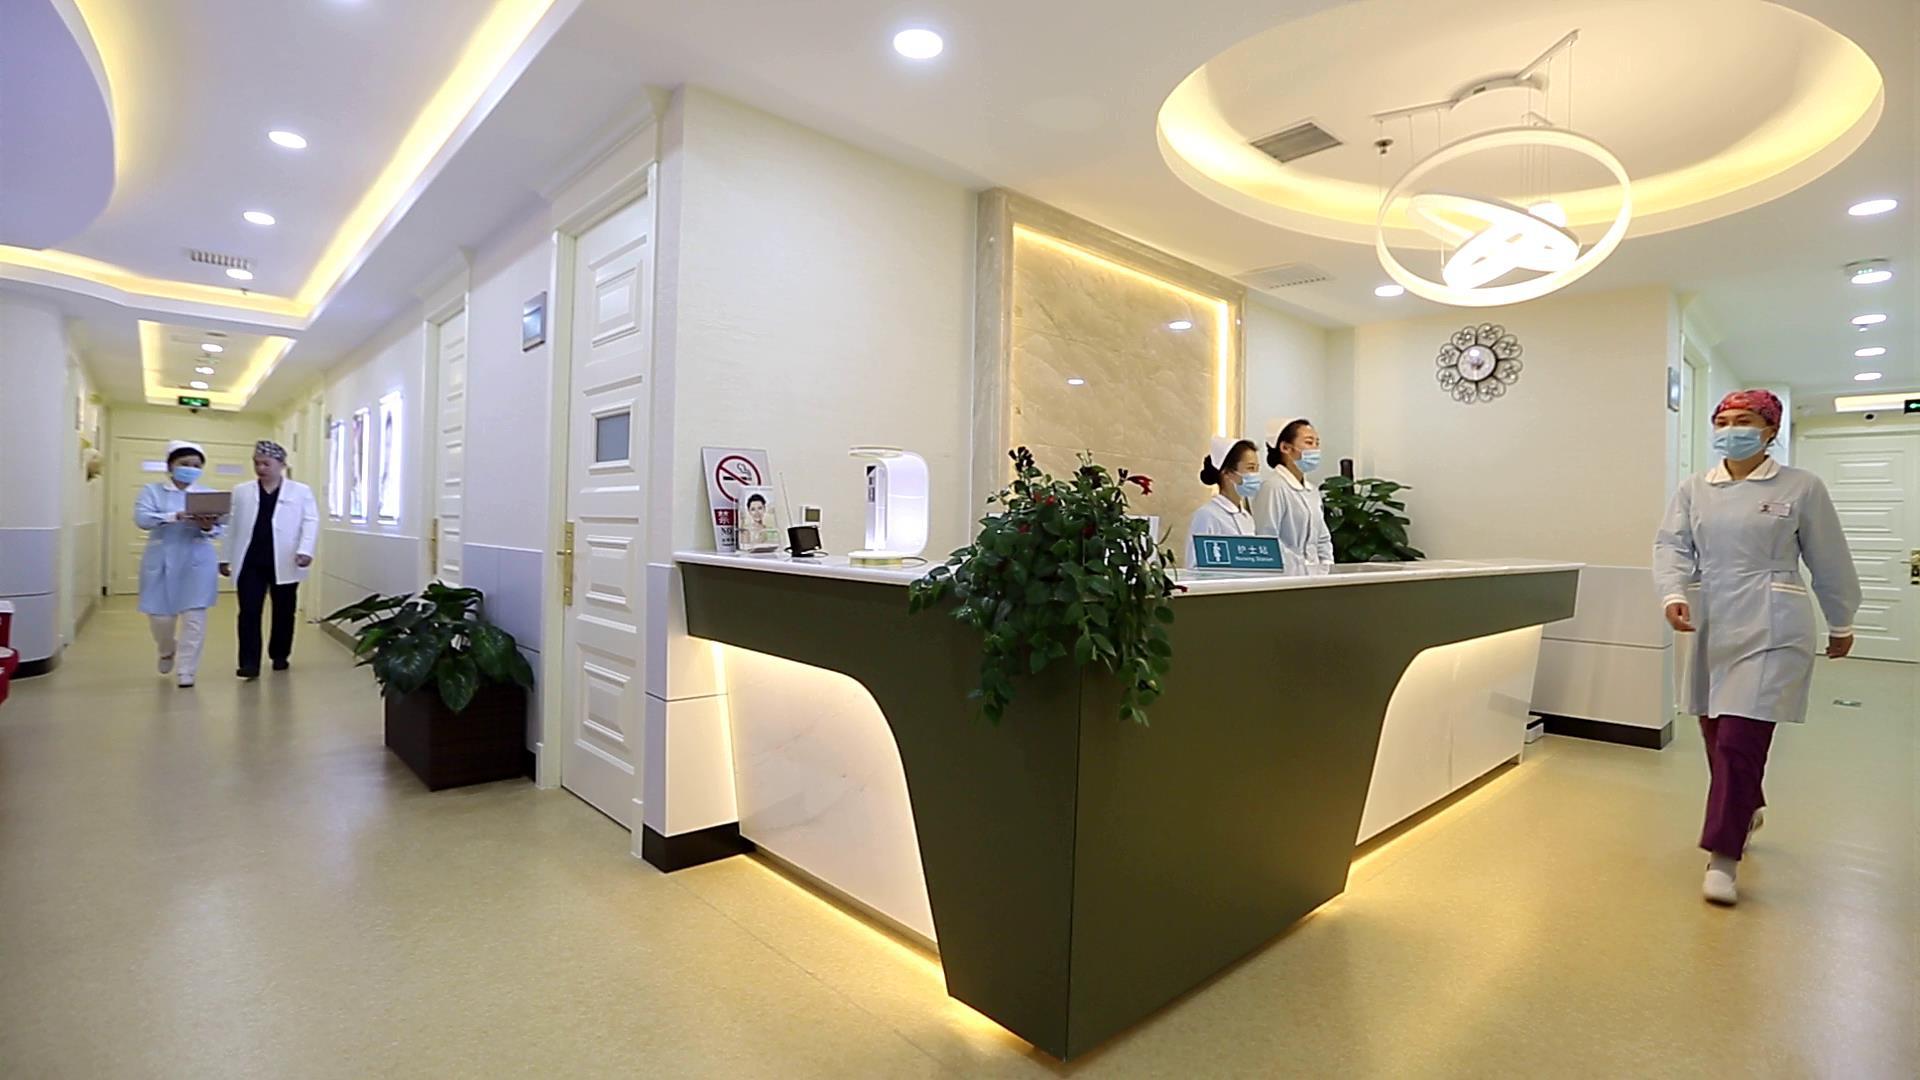 北京圣嘉荣医疗美容医院环境图5